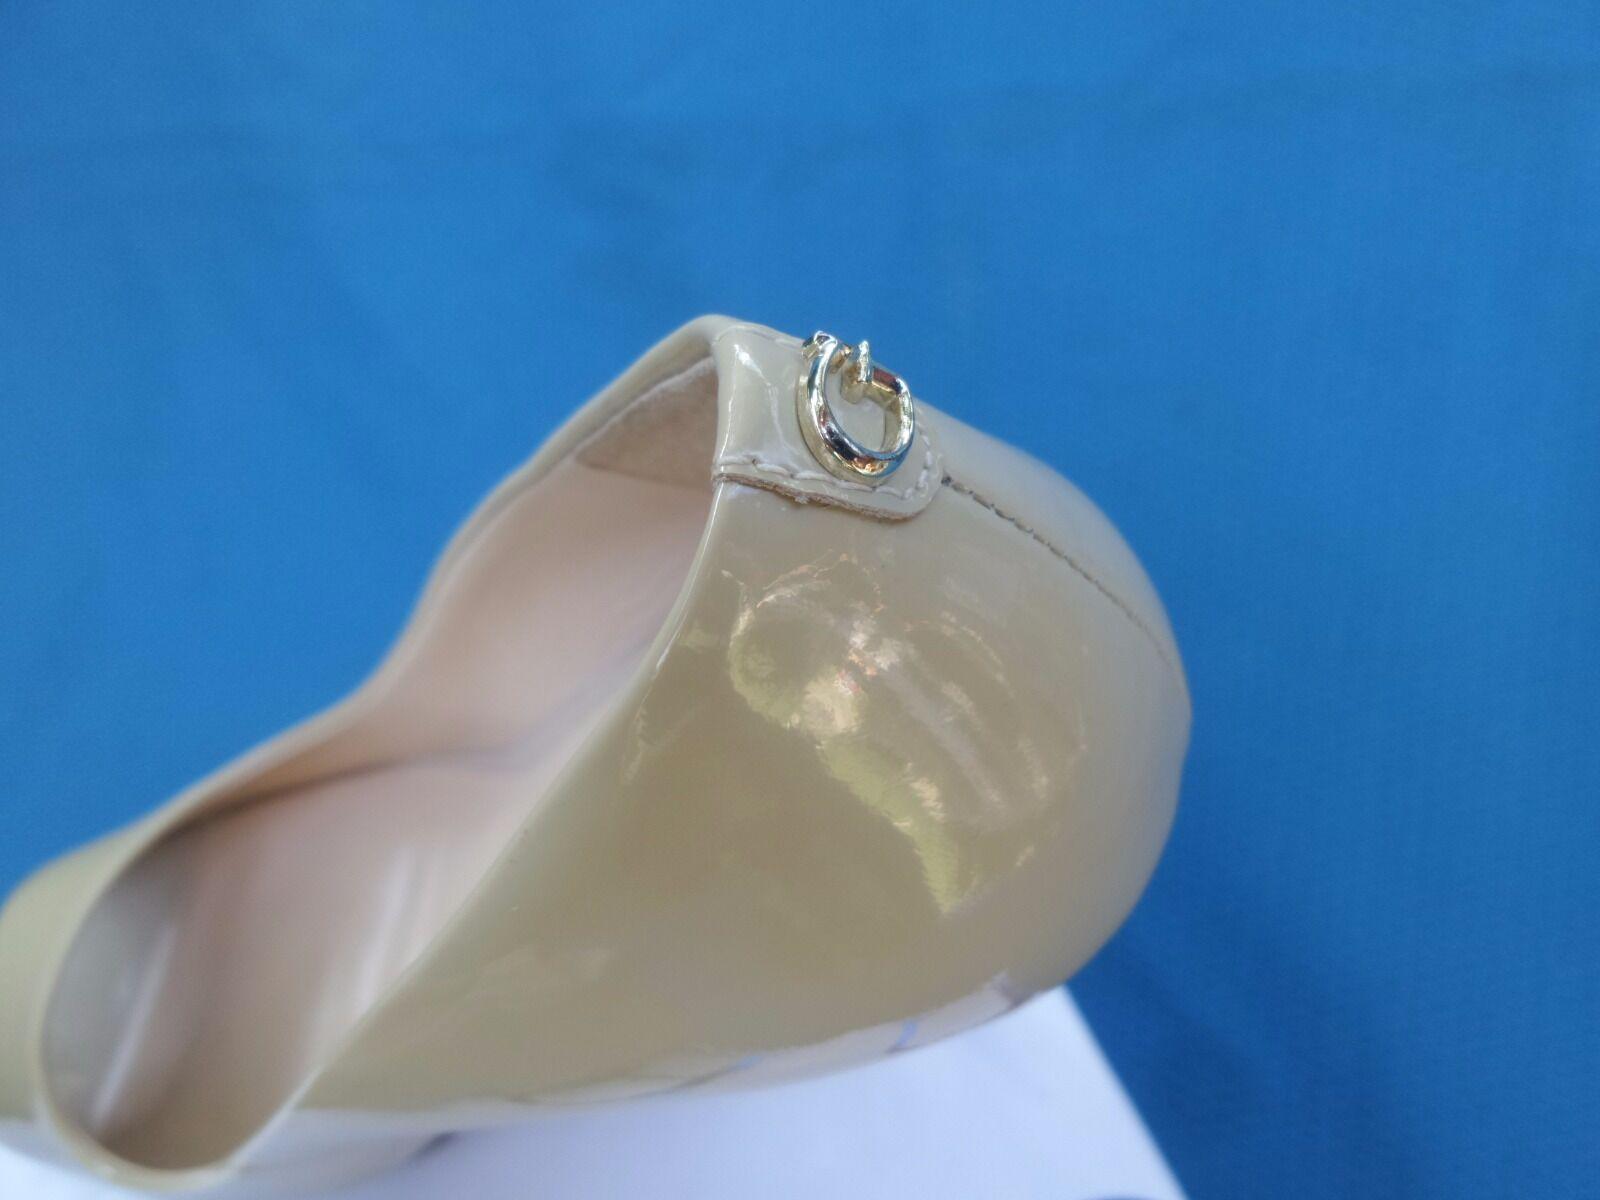 Scarpe da donna Guess decollete vernice sabbia | | | Economici Per  | Uomo/Donna Scarpa  4cd05a